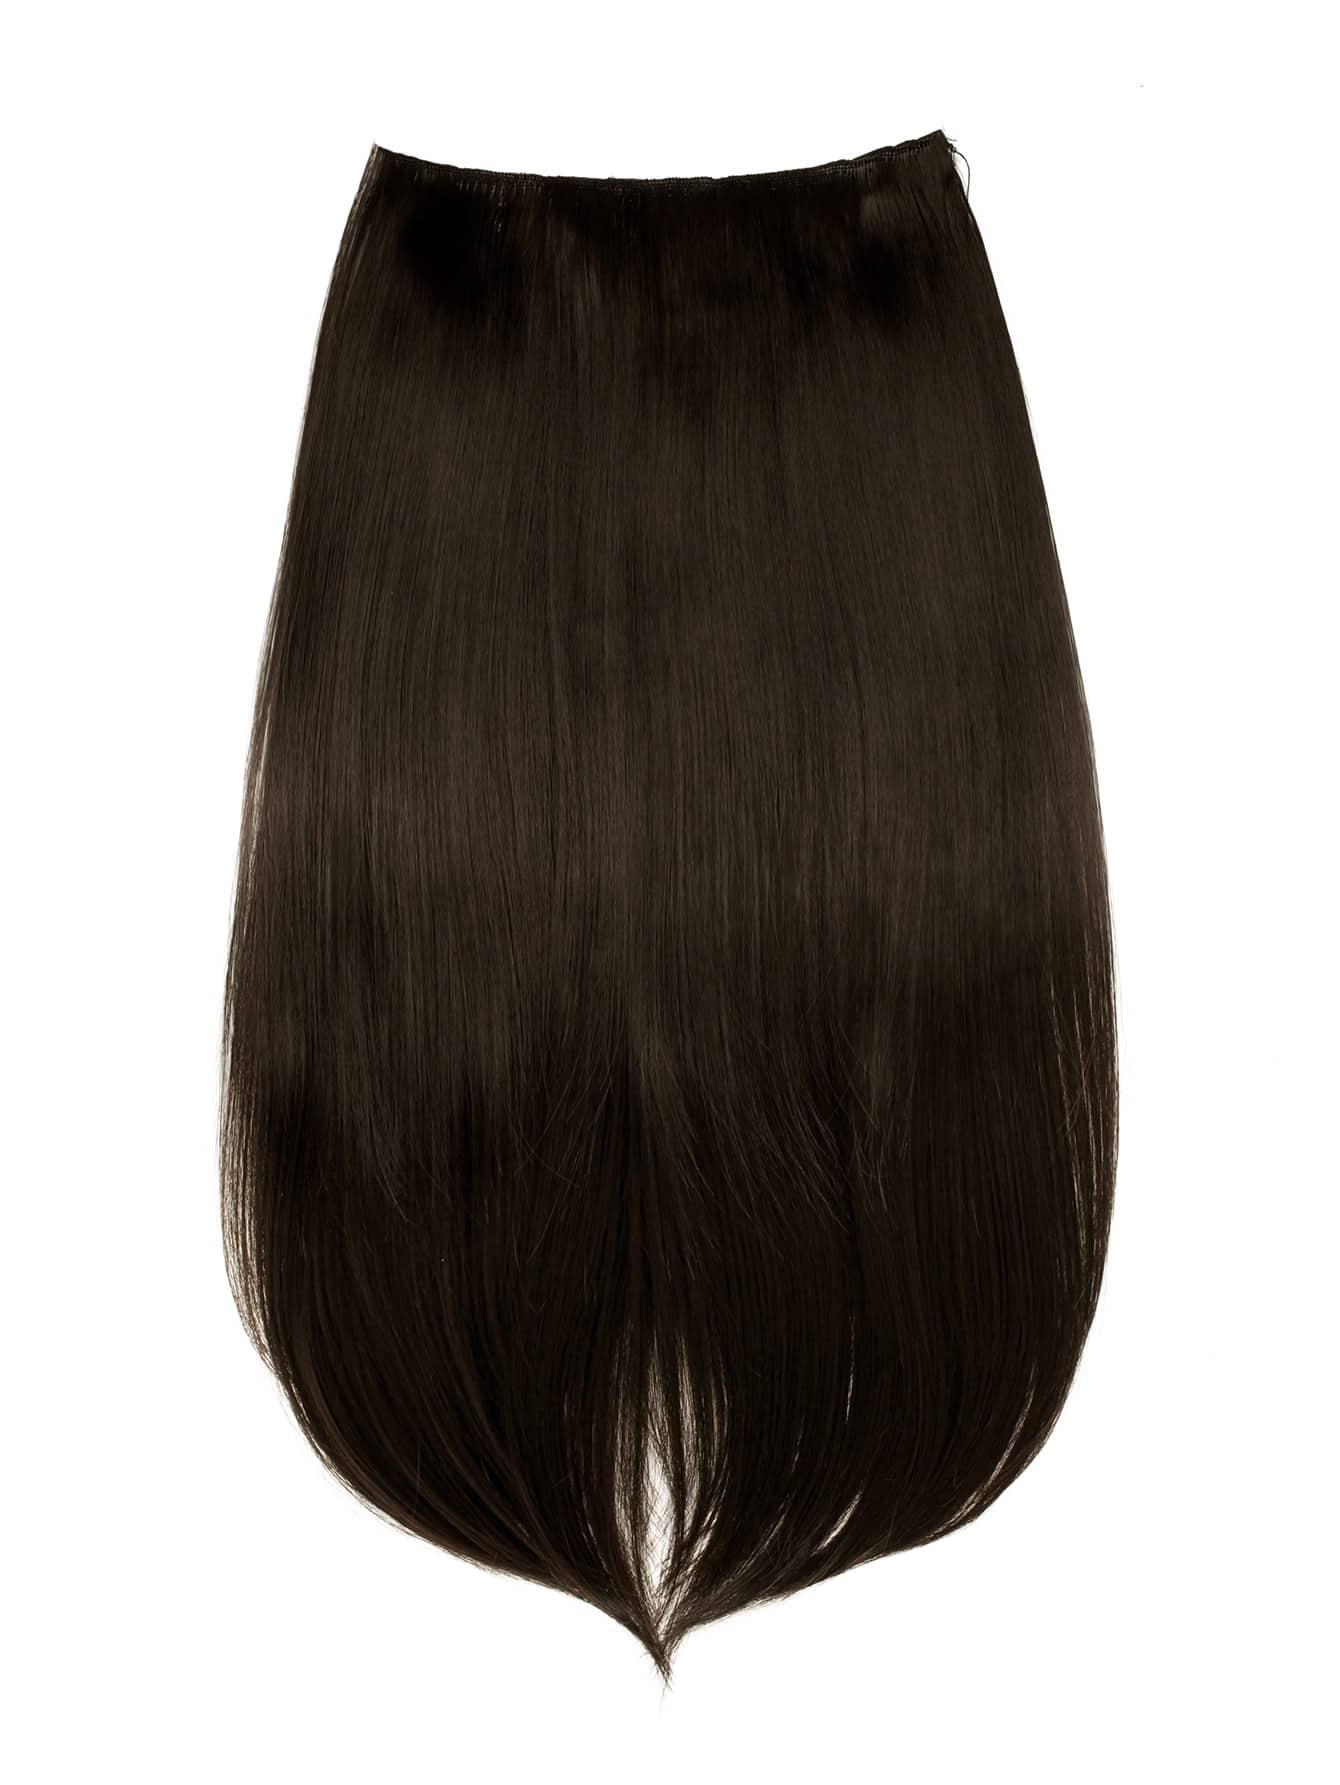 Фото Straight Hair Weft With Clip. Купить с доставкой